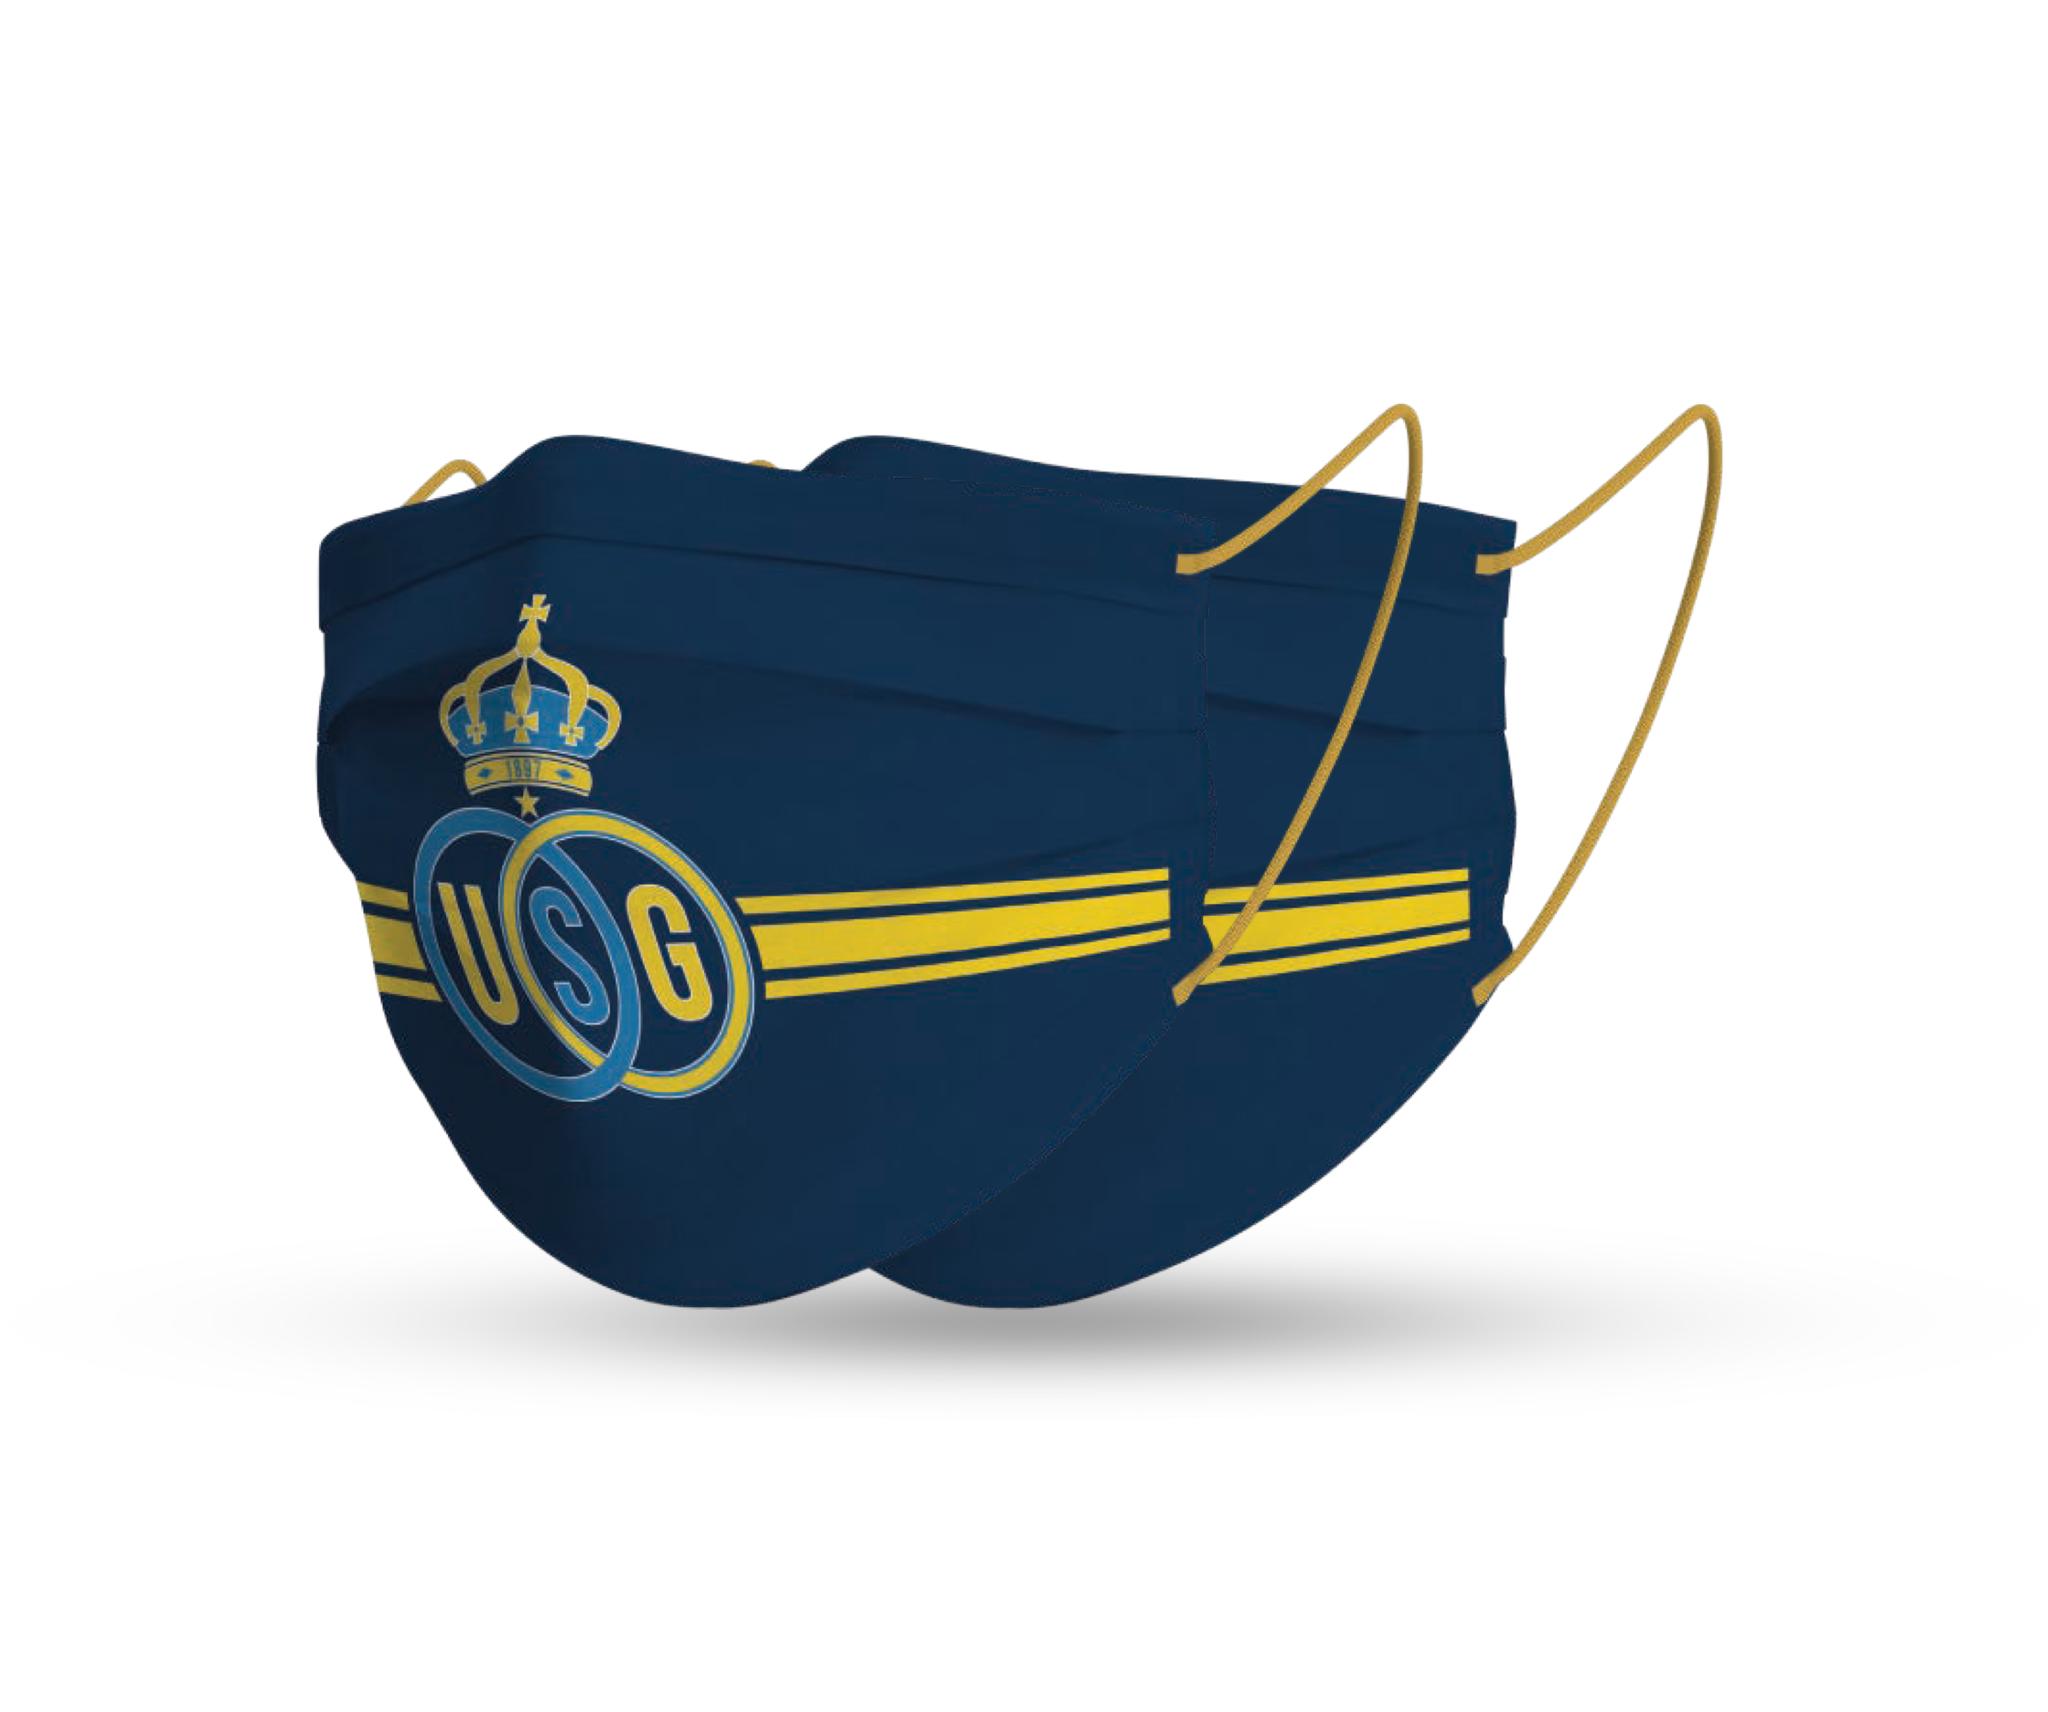 Topfanz Mondmaskers Union logo (x2)